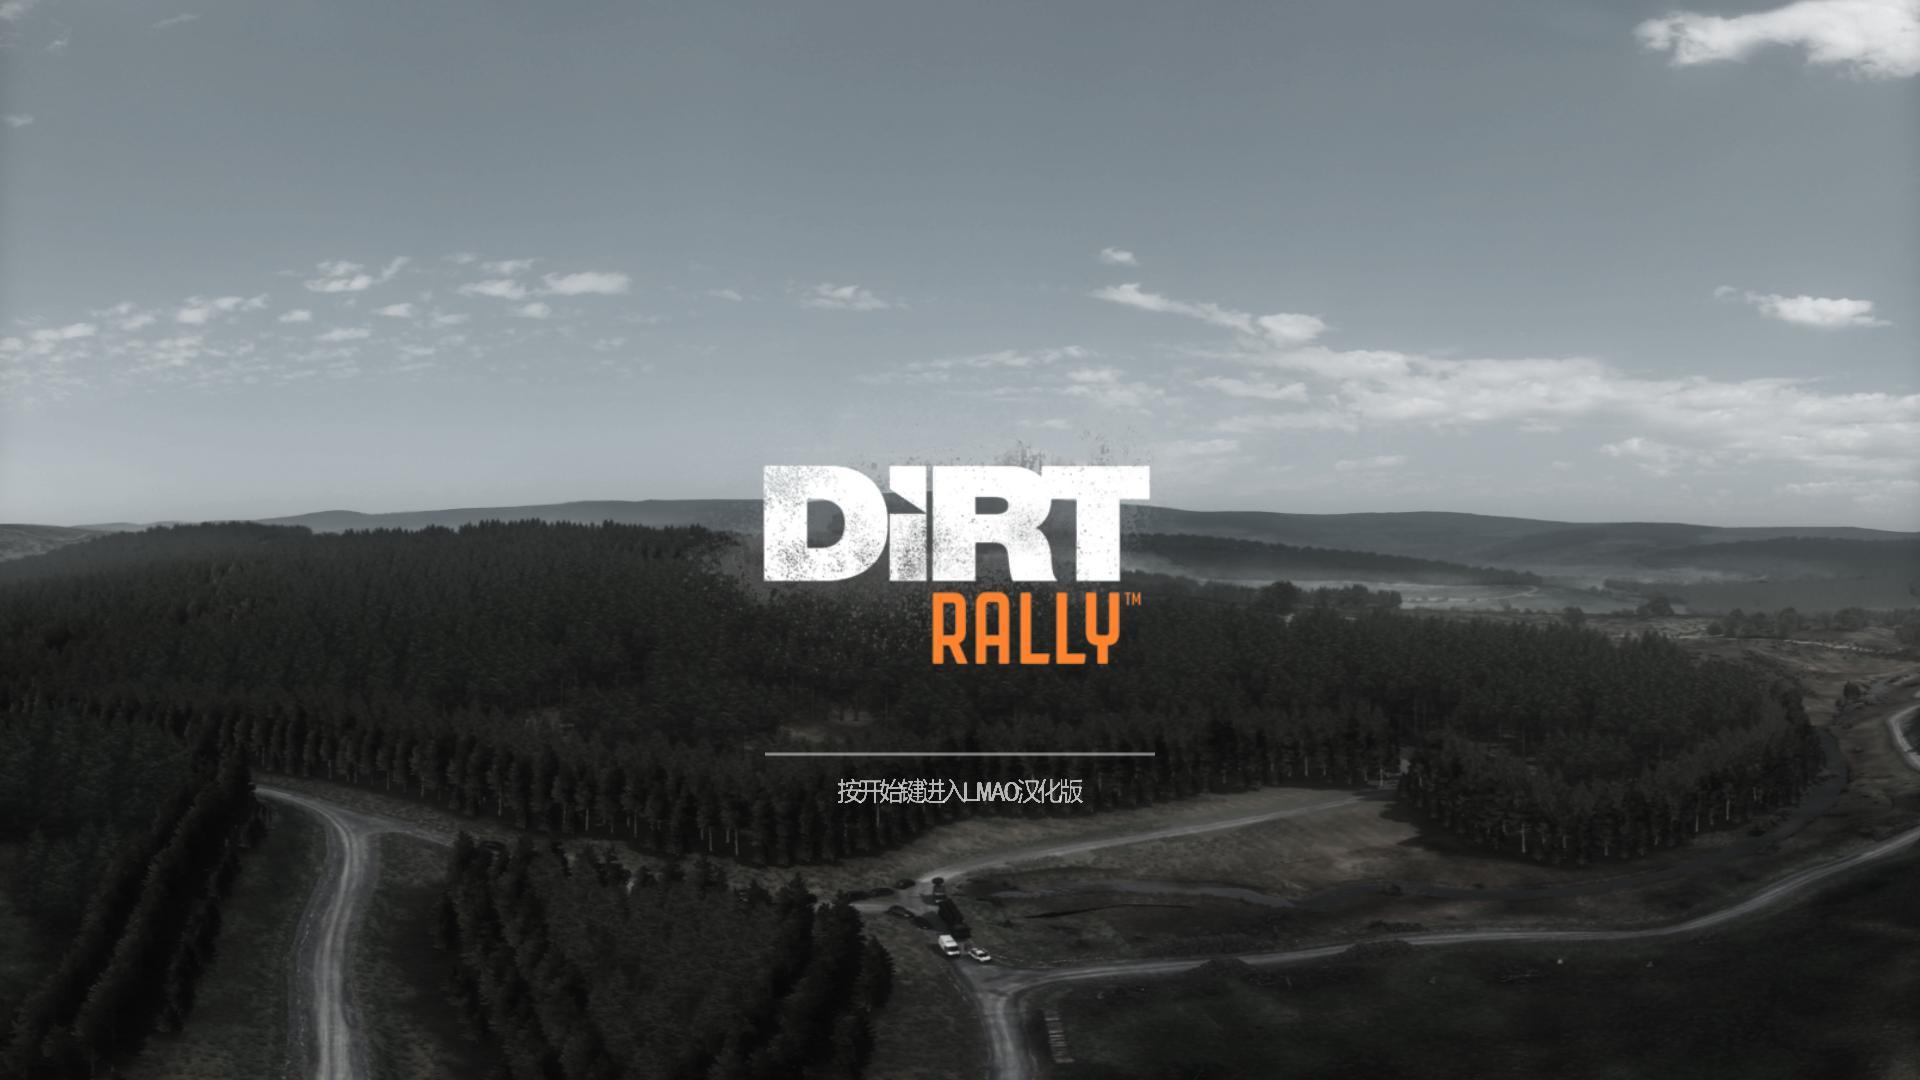 尘埃拉力赛(Dirt Rally)免安装绿色中文2.0版|DLC|升级档|网盘下载